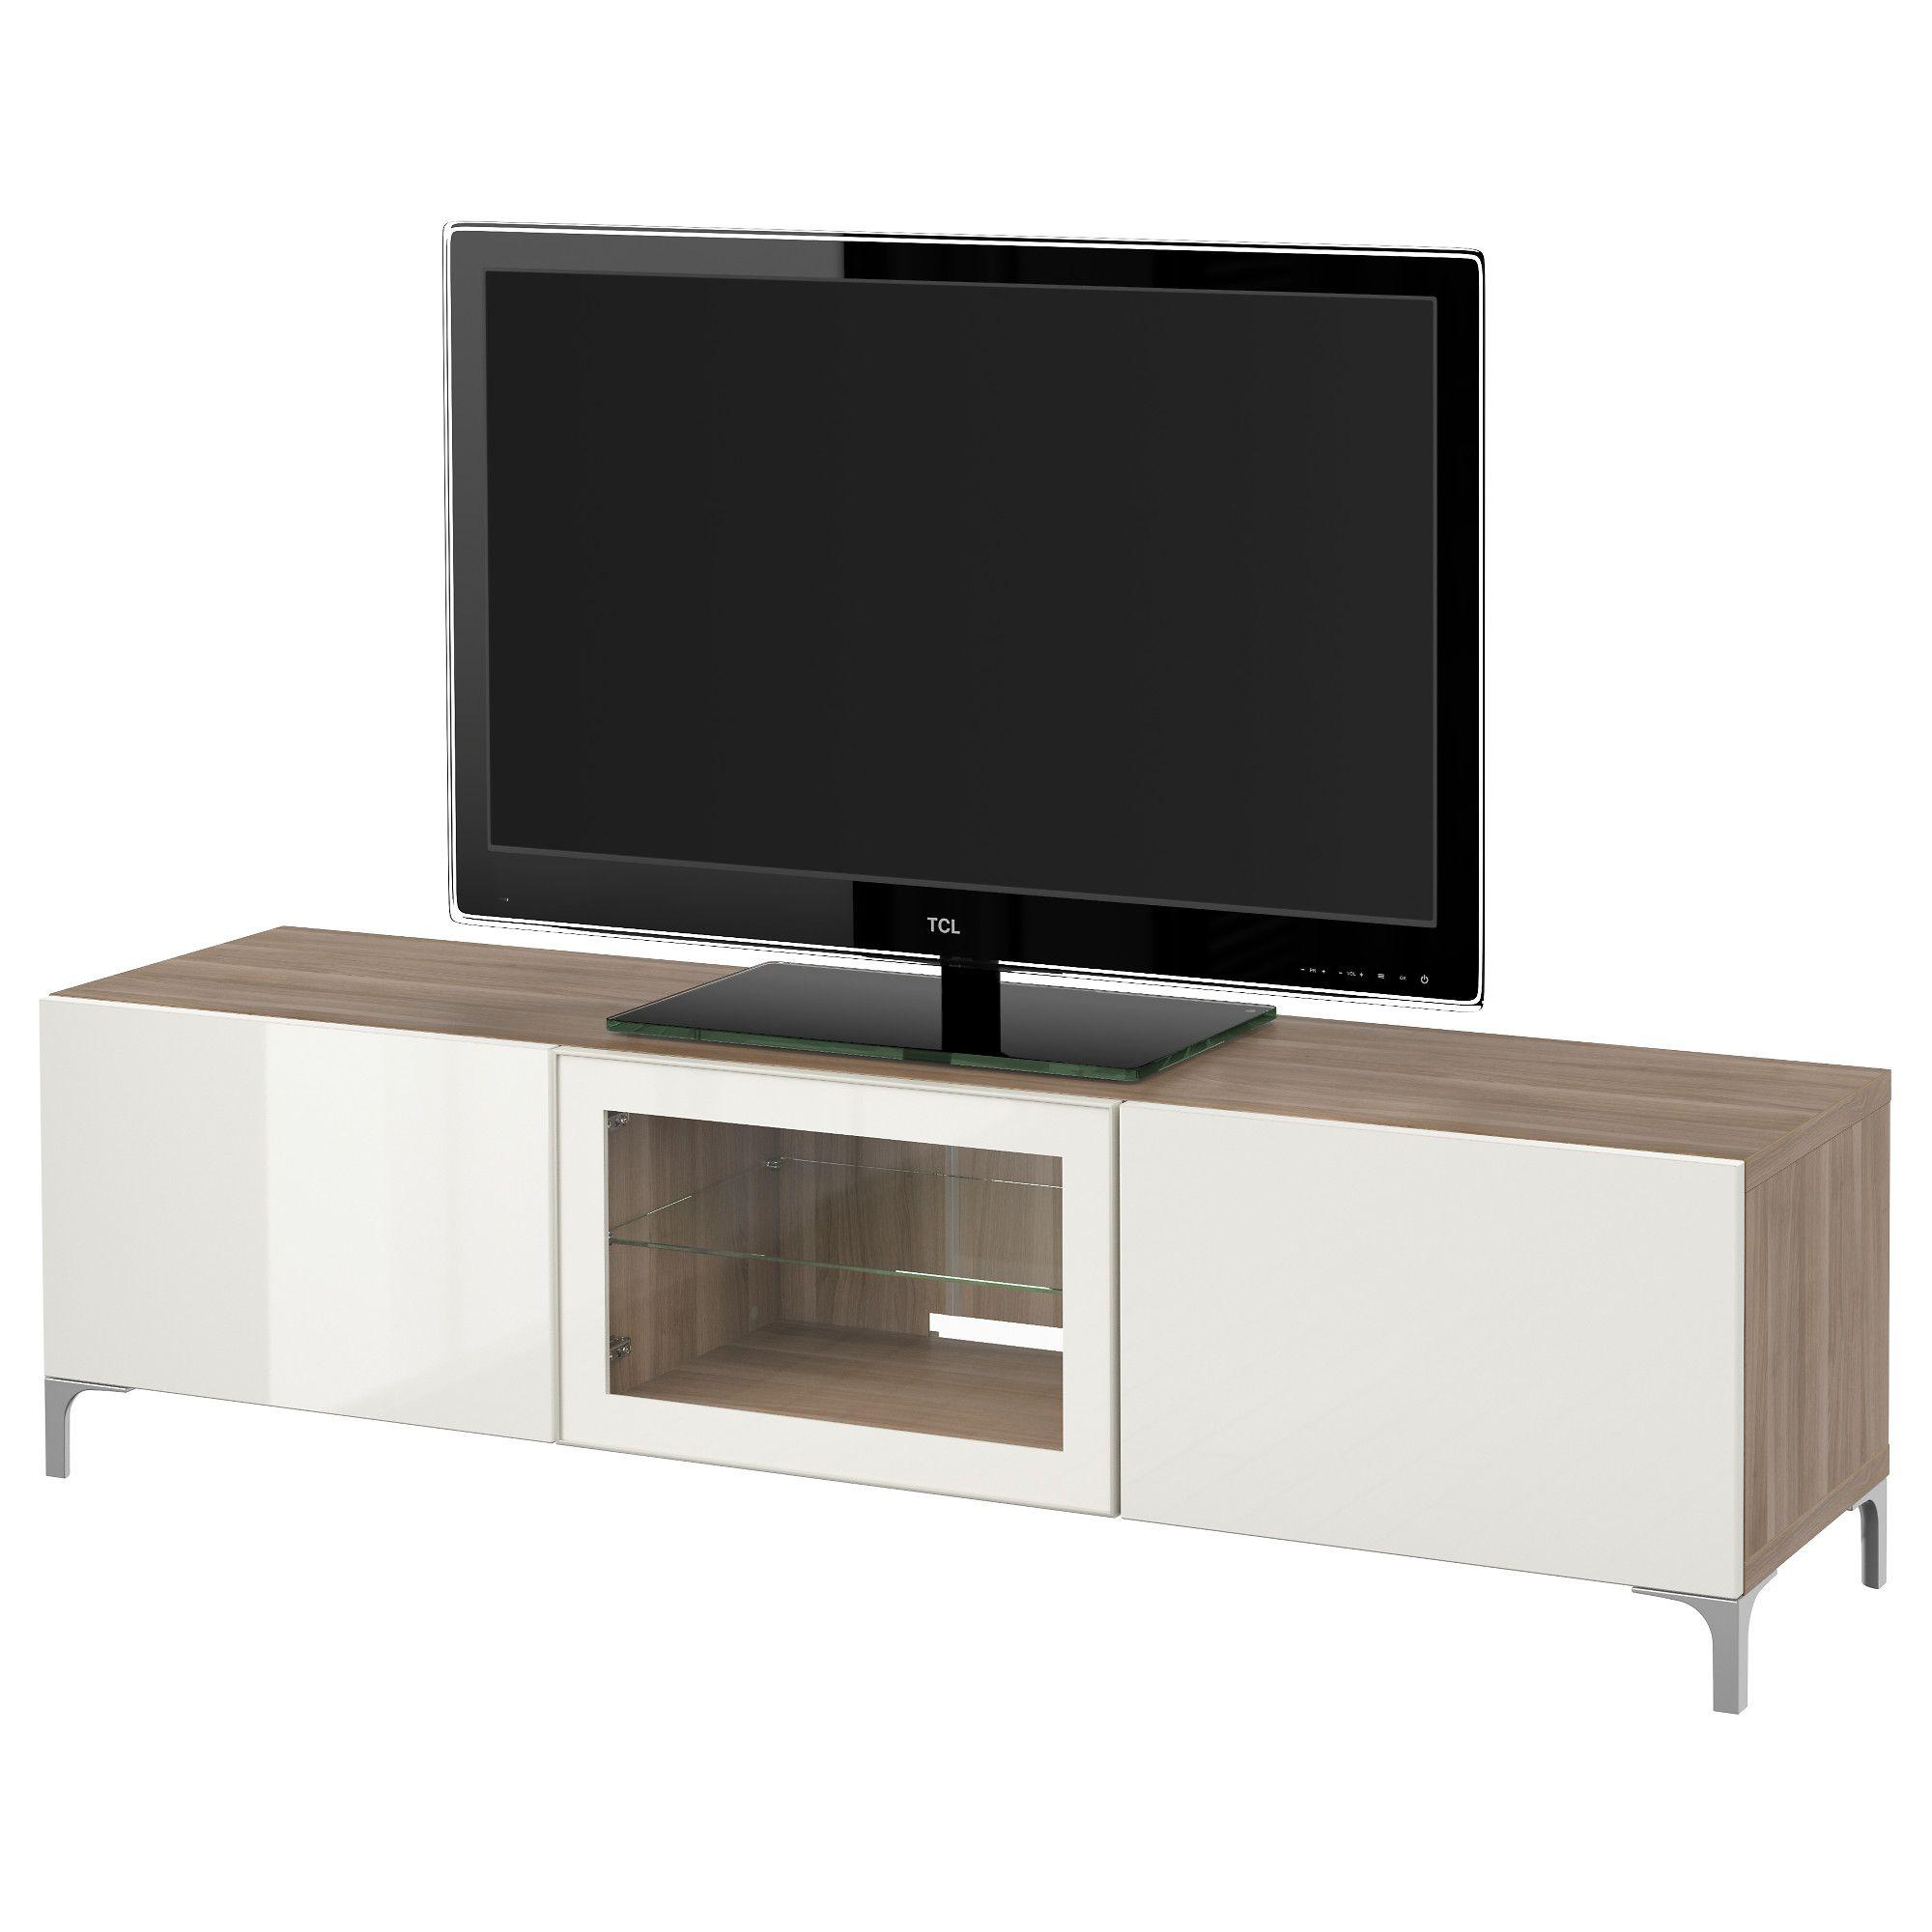 Tv Bank Grau bestå tv bank mit schubladen und tür grau las nussbaumnachb